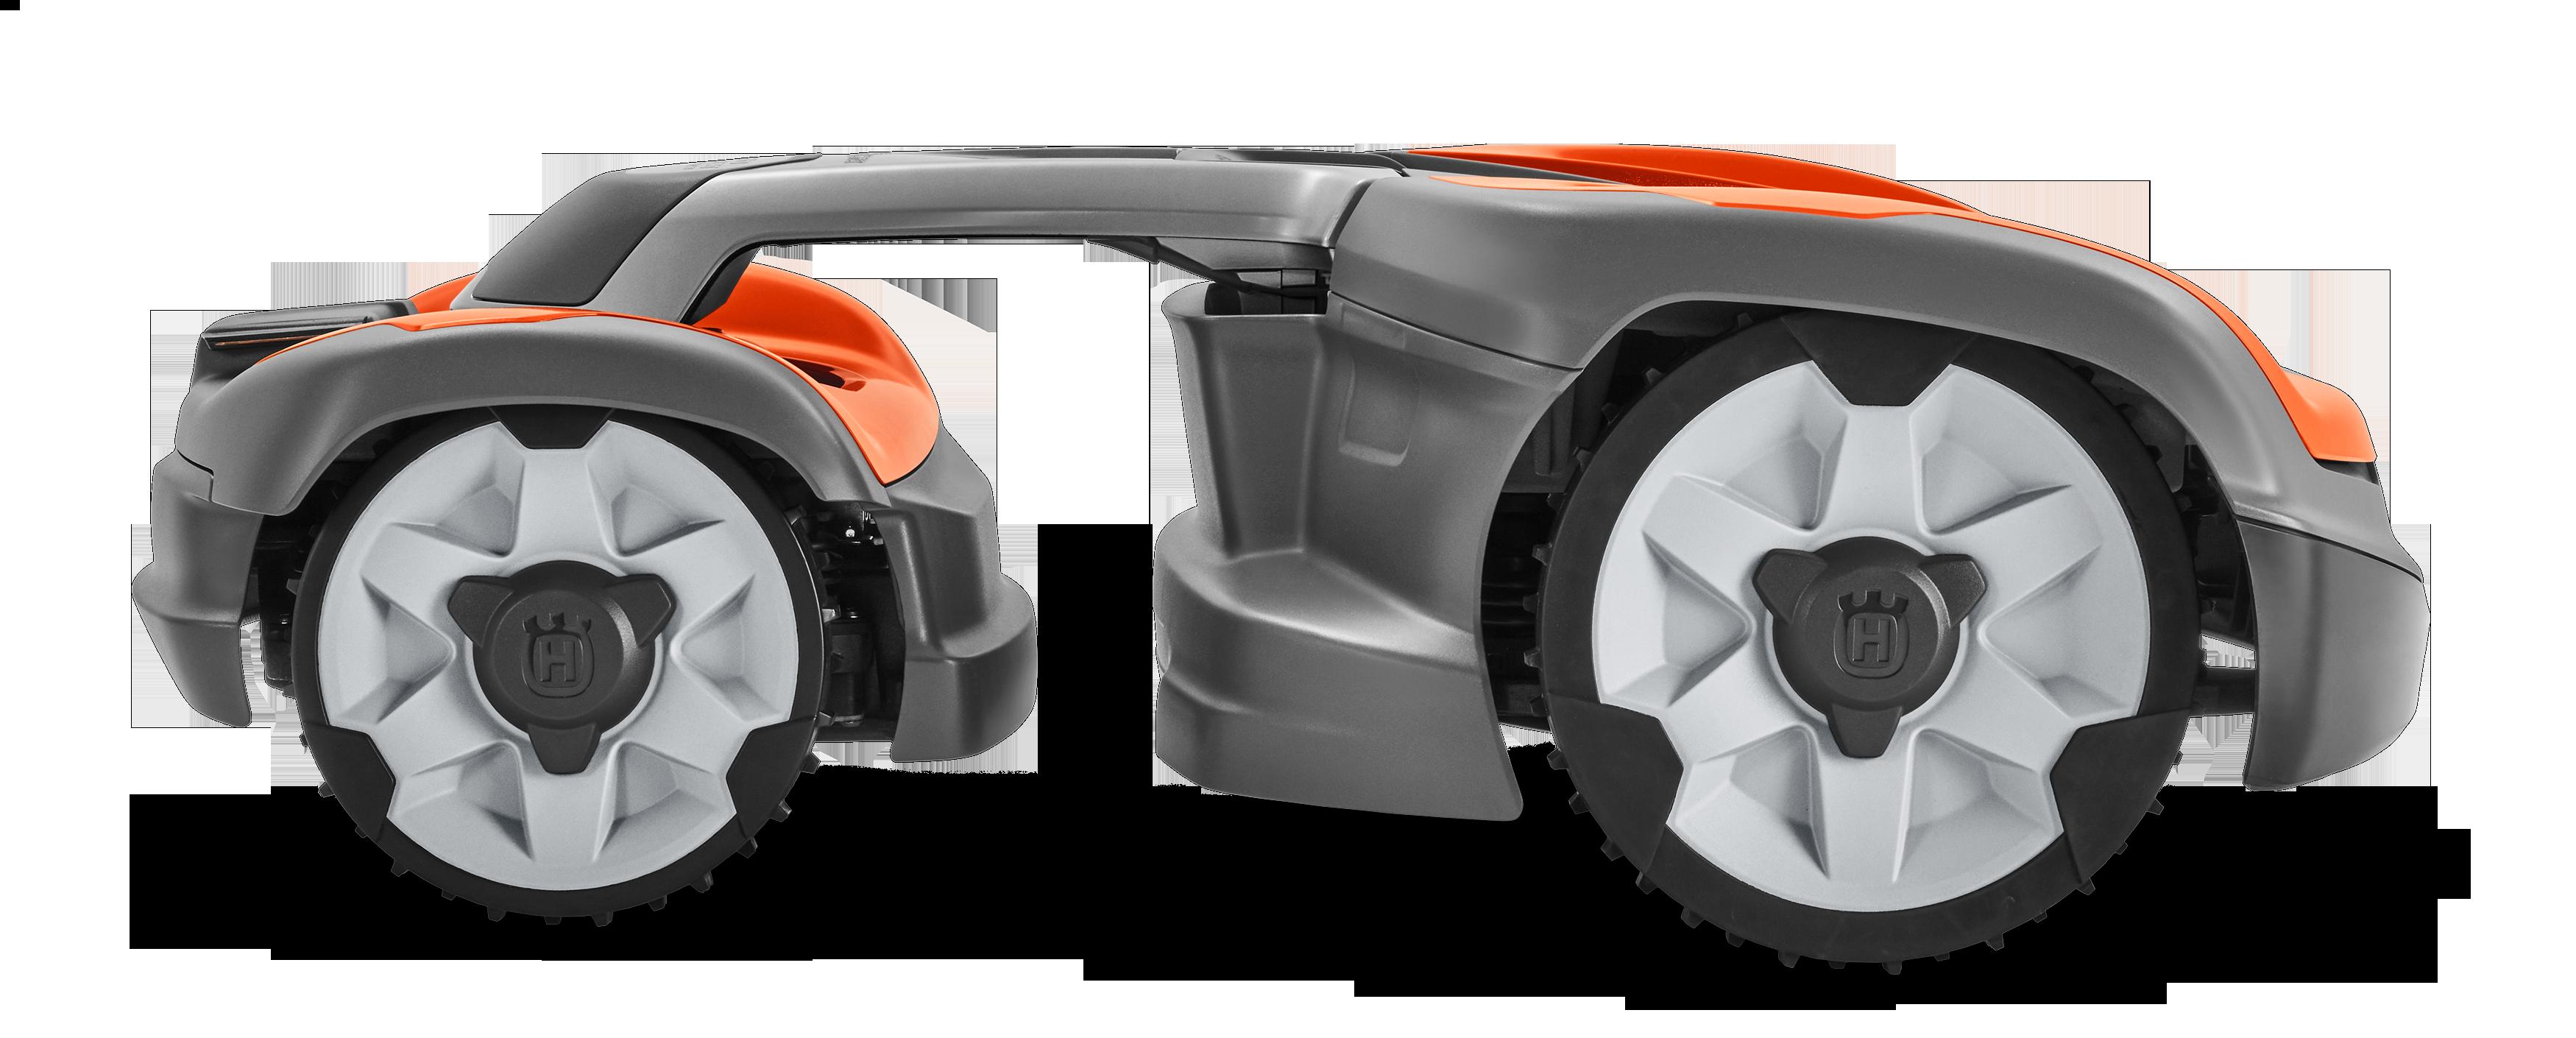 husqvarna zāles pļāvējs robots no sāna skata